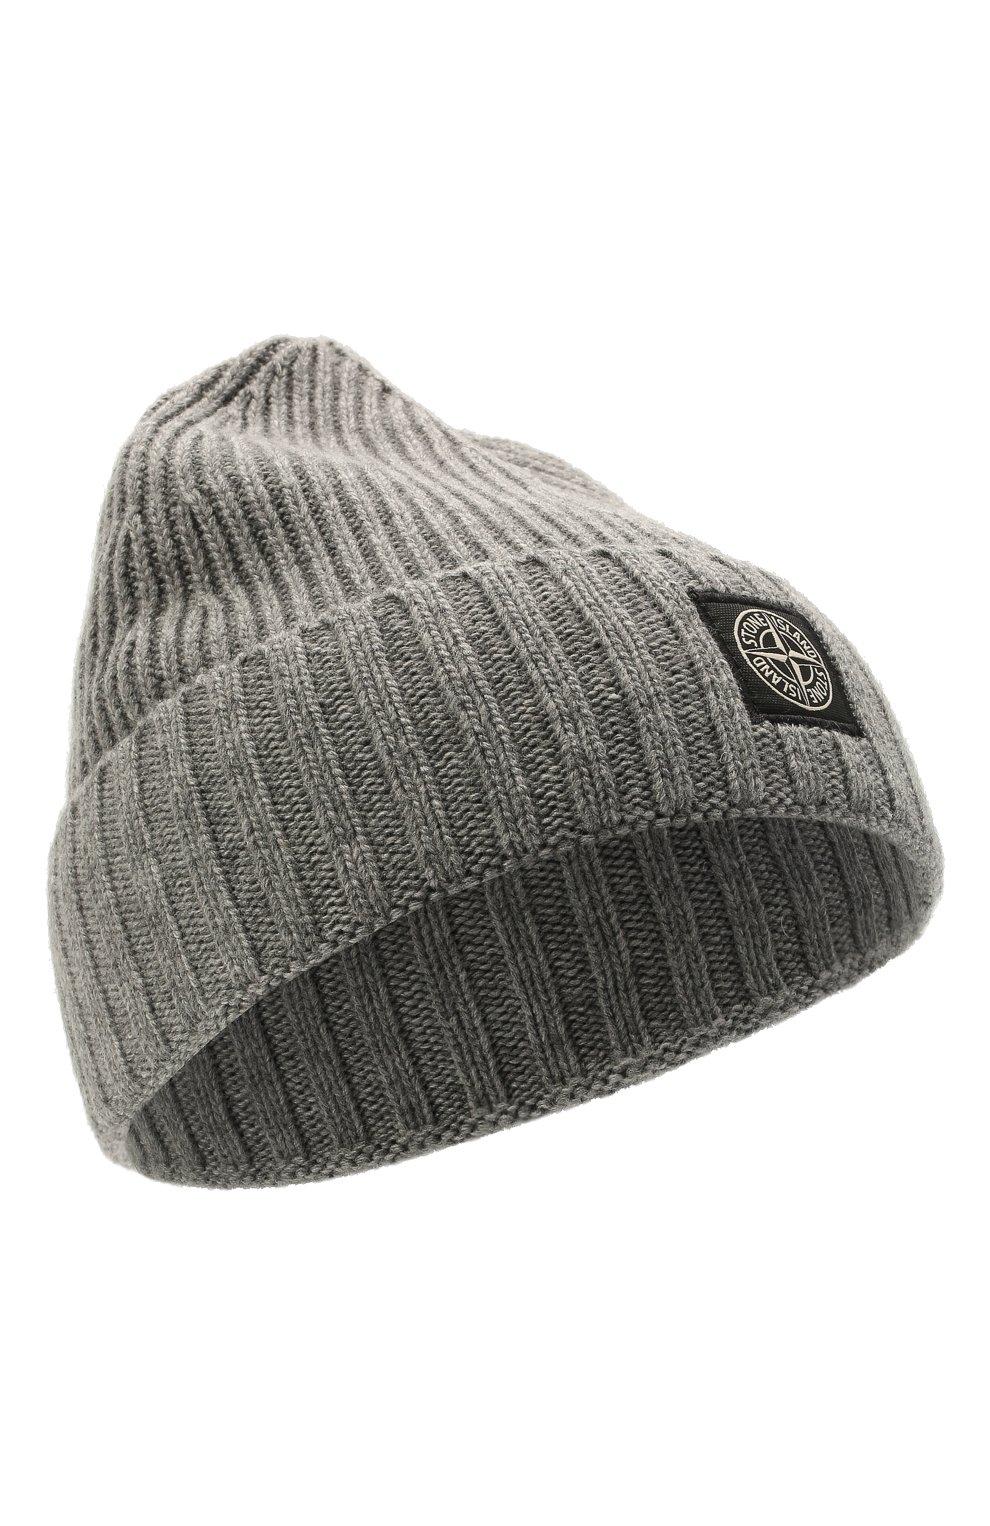 Детского шапка из шерсти и вискозы STONE ISLAND темно-серого цвета, арт. 7516N03A8 | Фото 1 (Материал: Текстиль, Шерсть, Вискоза)